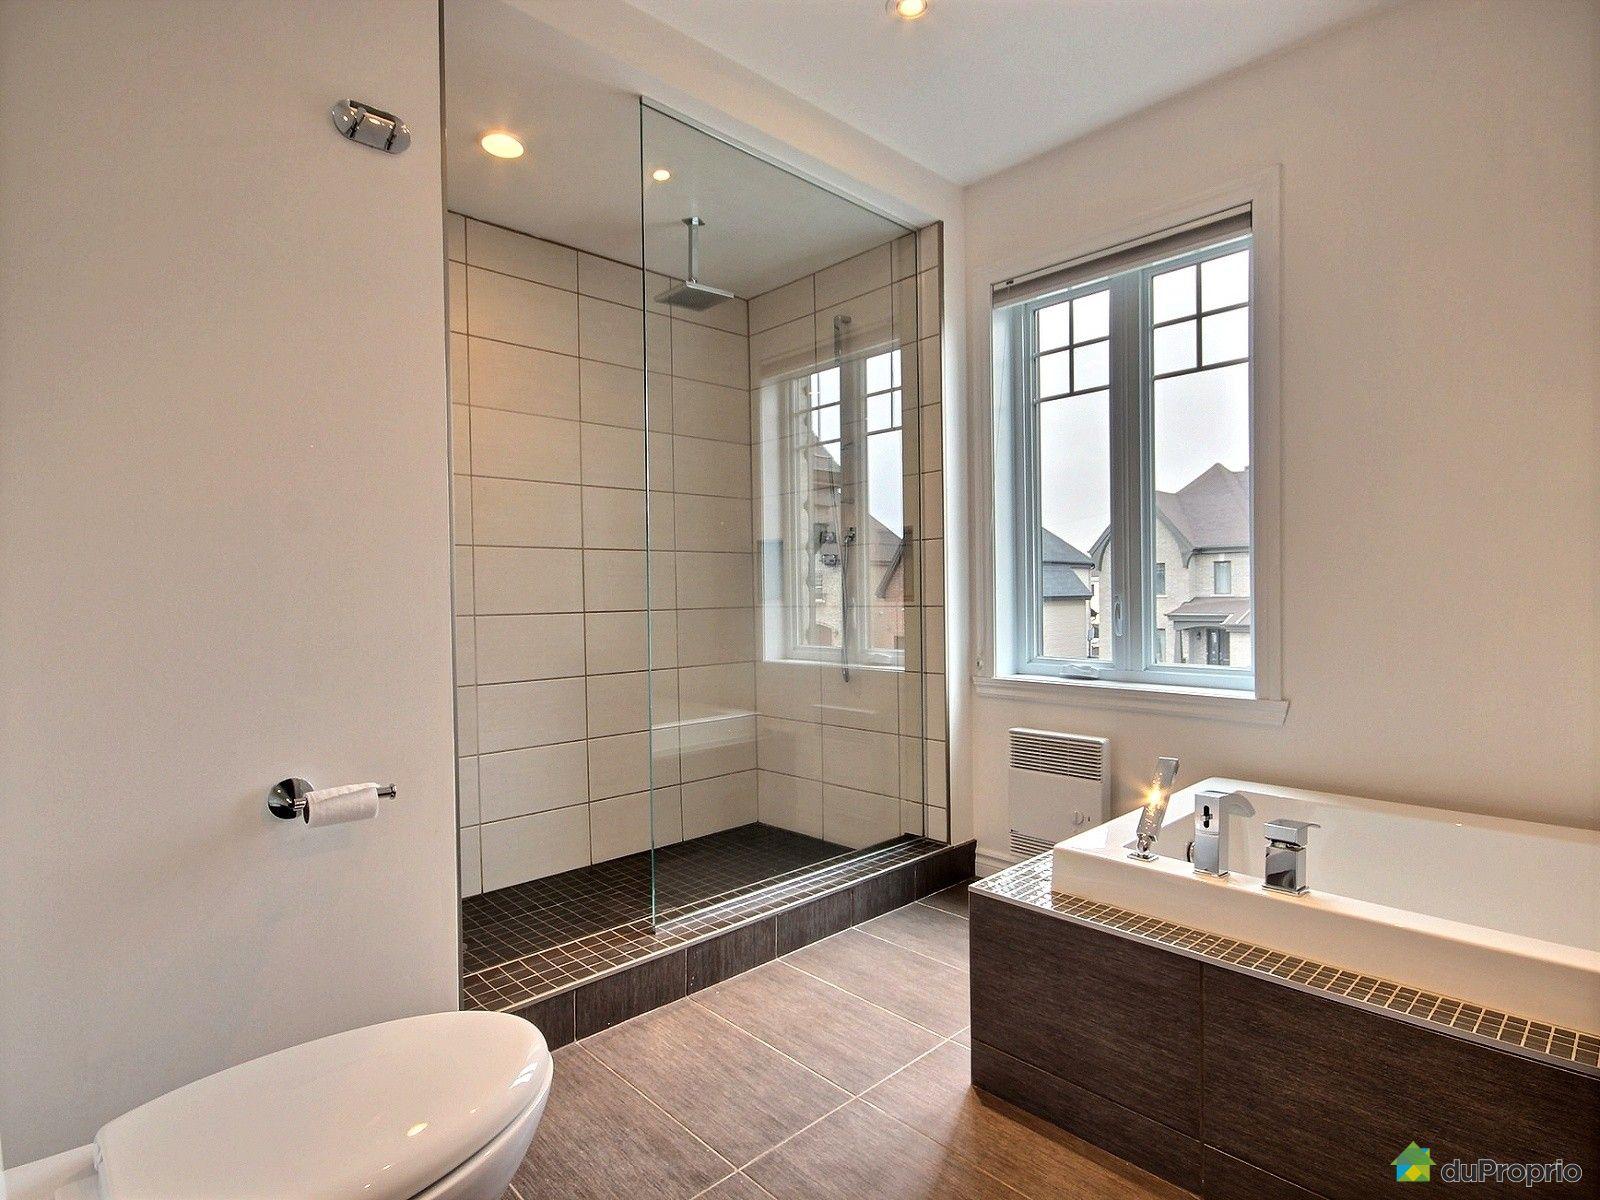 Maison vendre st eustache 570 rue des b gonias for Salle de bain 25 st eustache